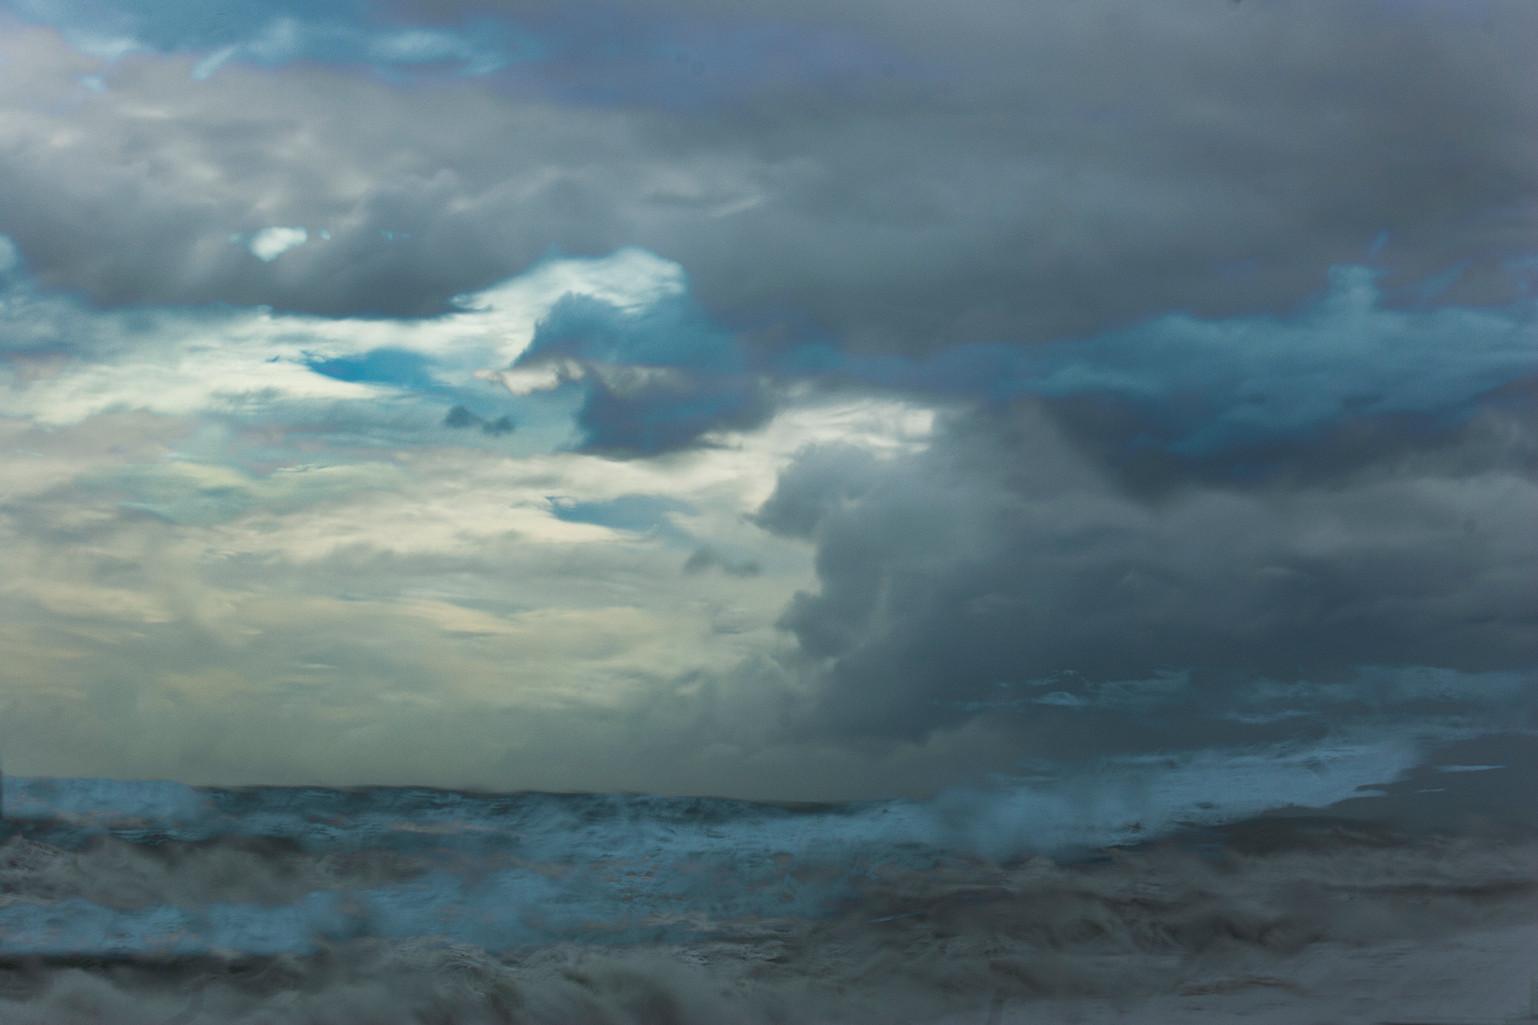 Storm on West Coast, New Zealand